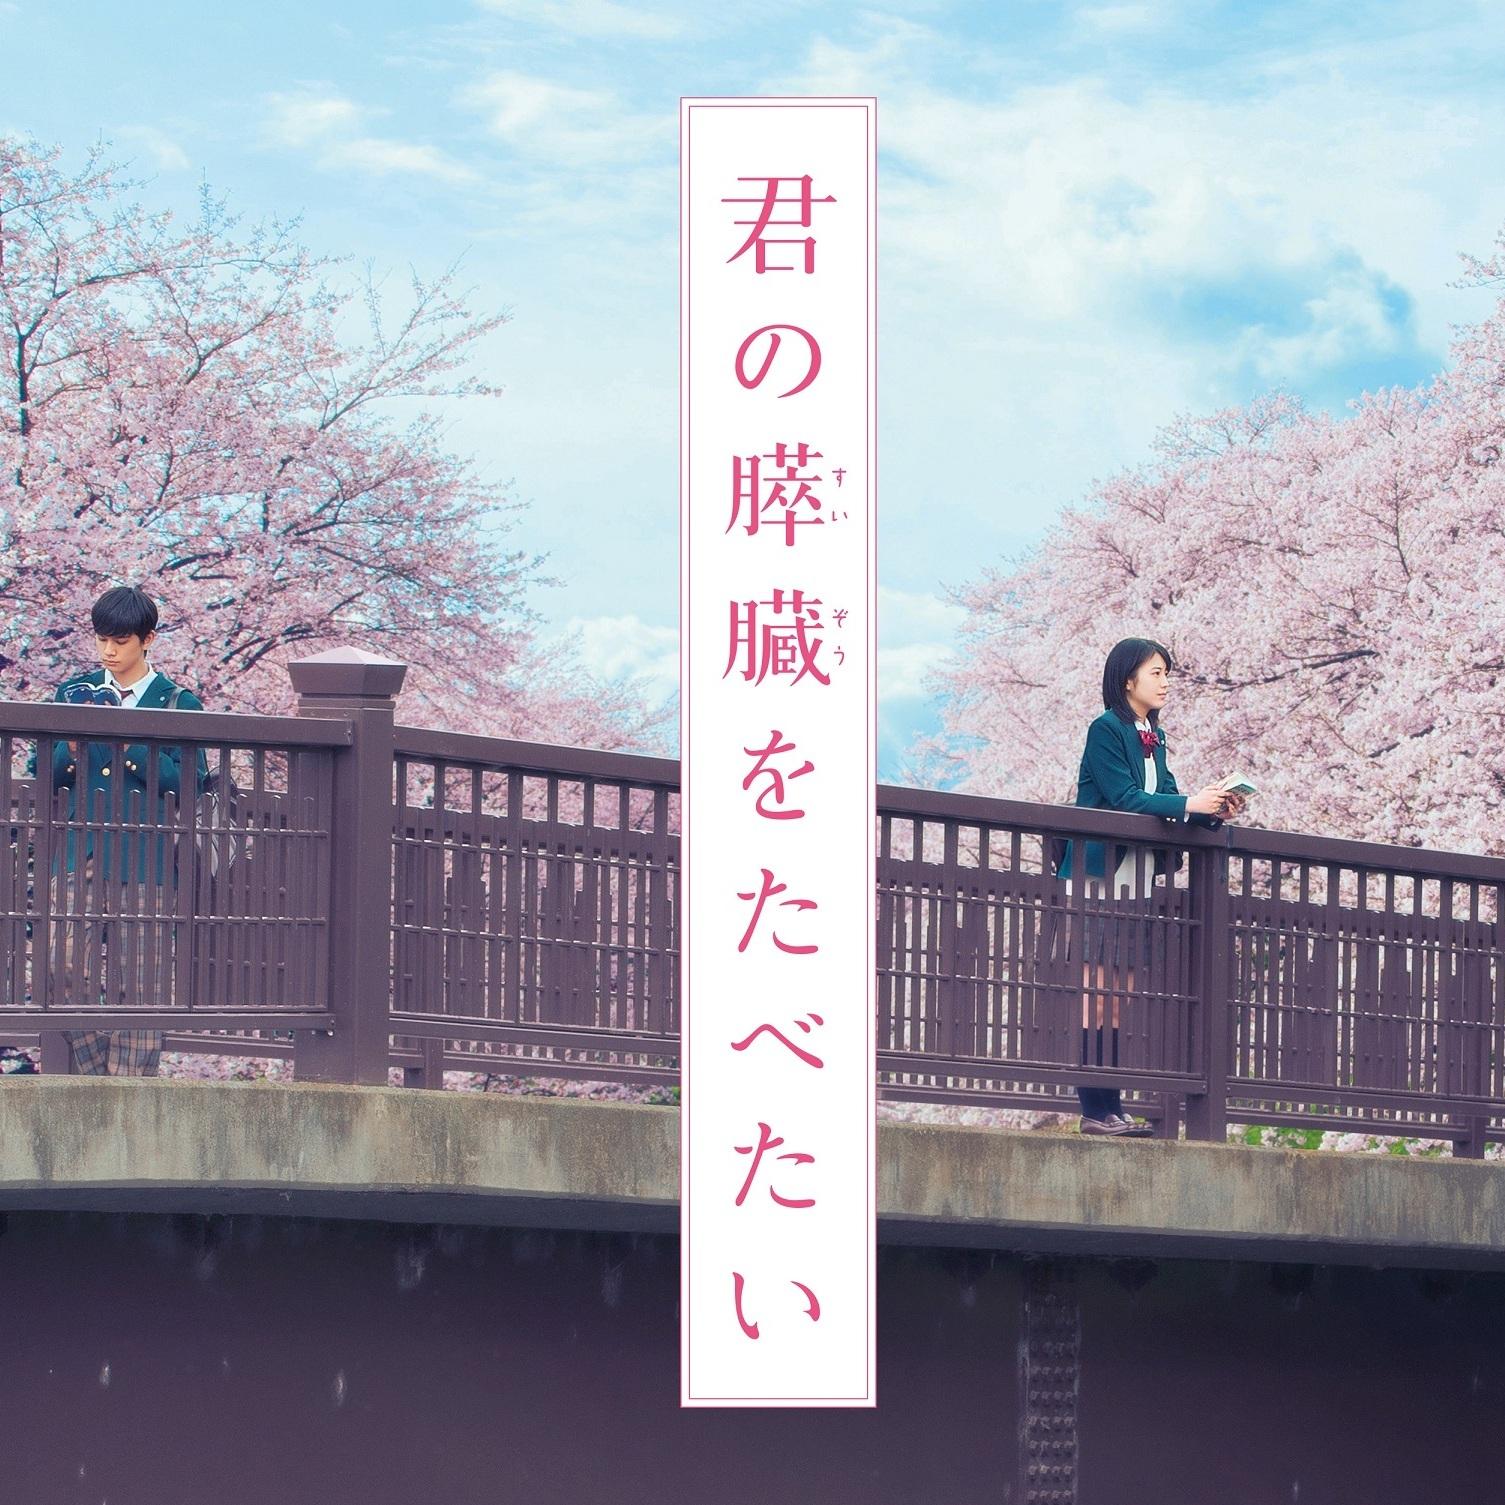 北村匠海「『キミスイ』の桜良ちゃんの空気は、美波ちゃんにしか出せないんじゃないかな」<br /><br />